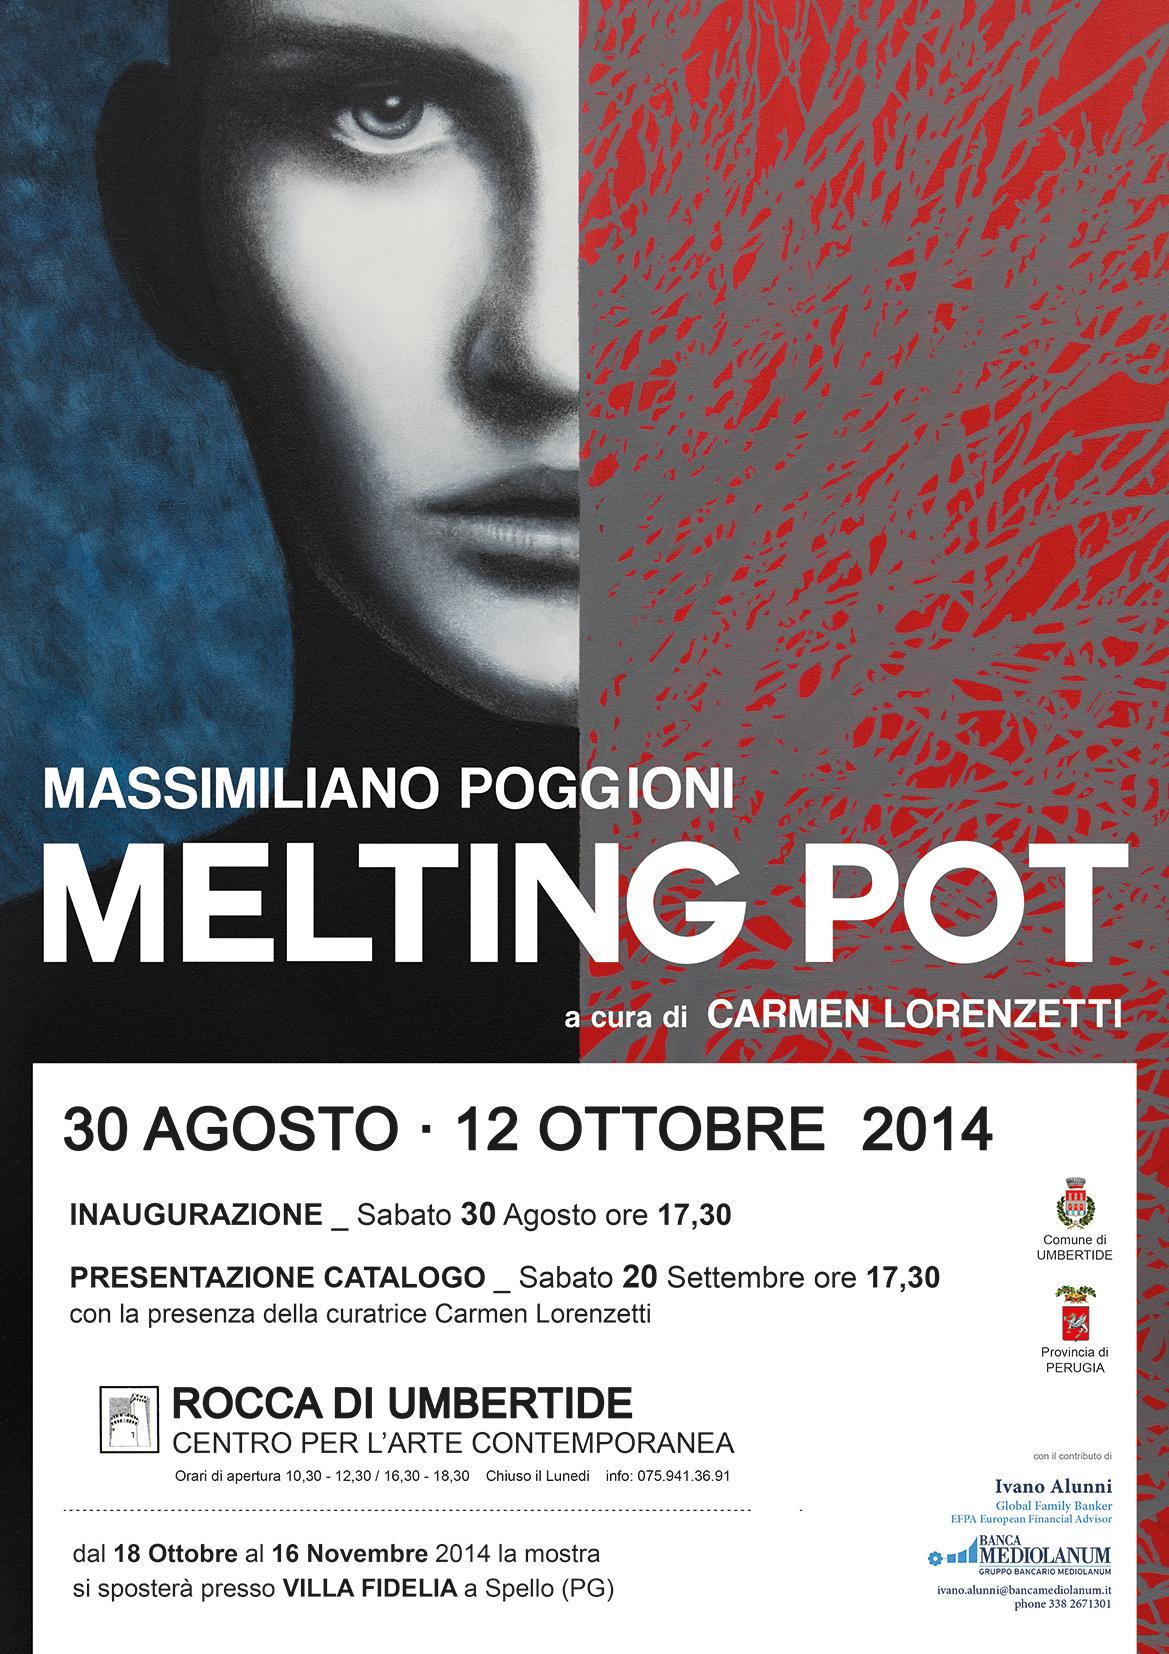 locandina massimiliano Poggioni